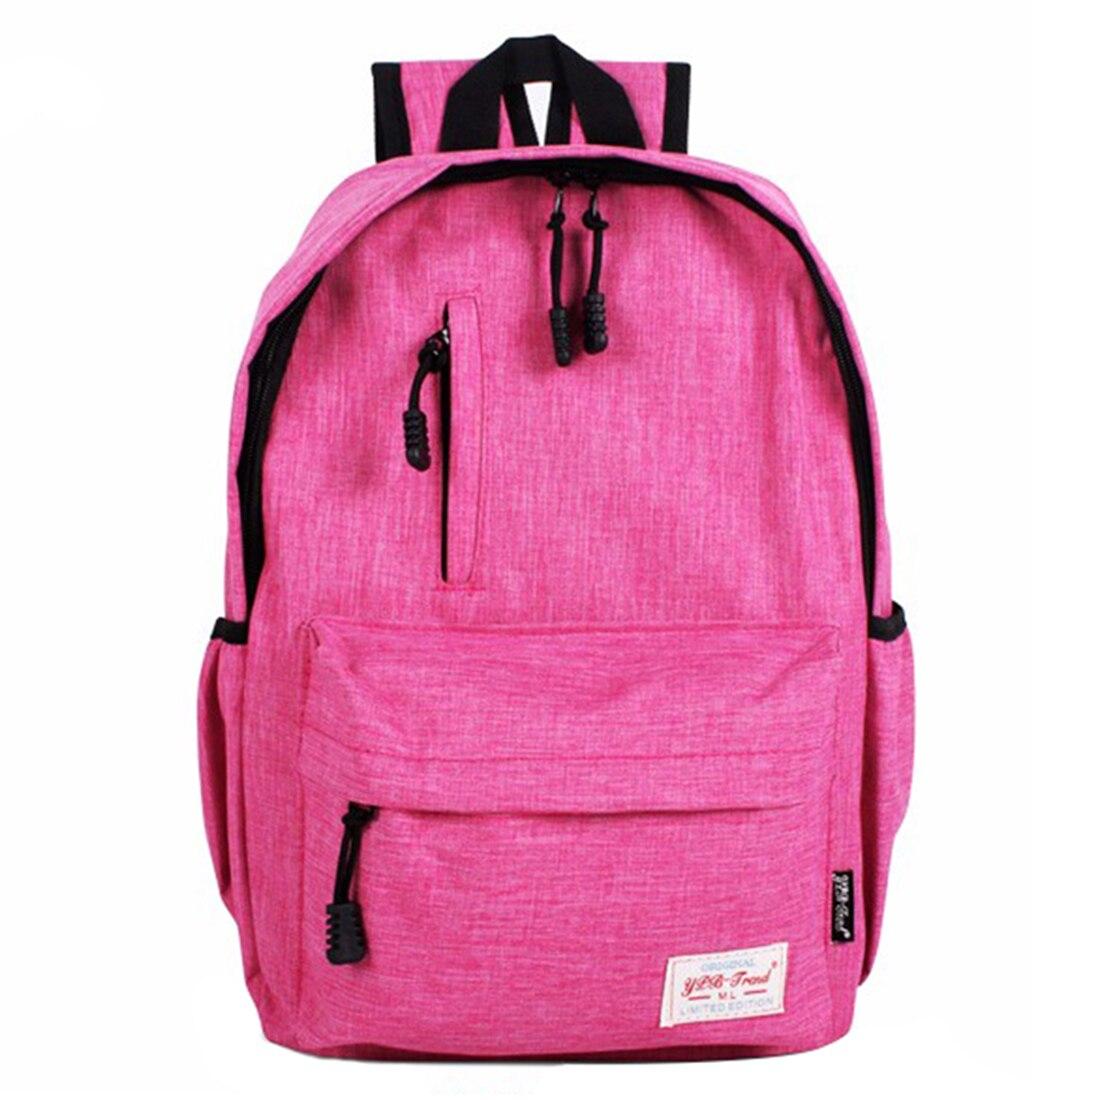 91fefb9fb03e Лен небольшой рюкзак унисекс школьная сумка для подростков школьный рюкзак  для студентов Рюкзаки рюкзак Bookbags дорожная сумка   Школьные сумки с ...